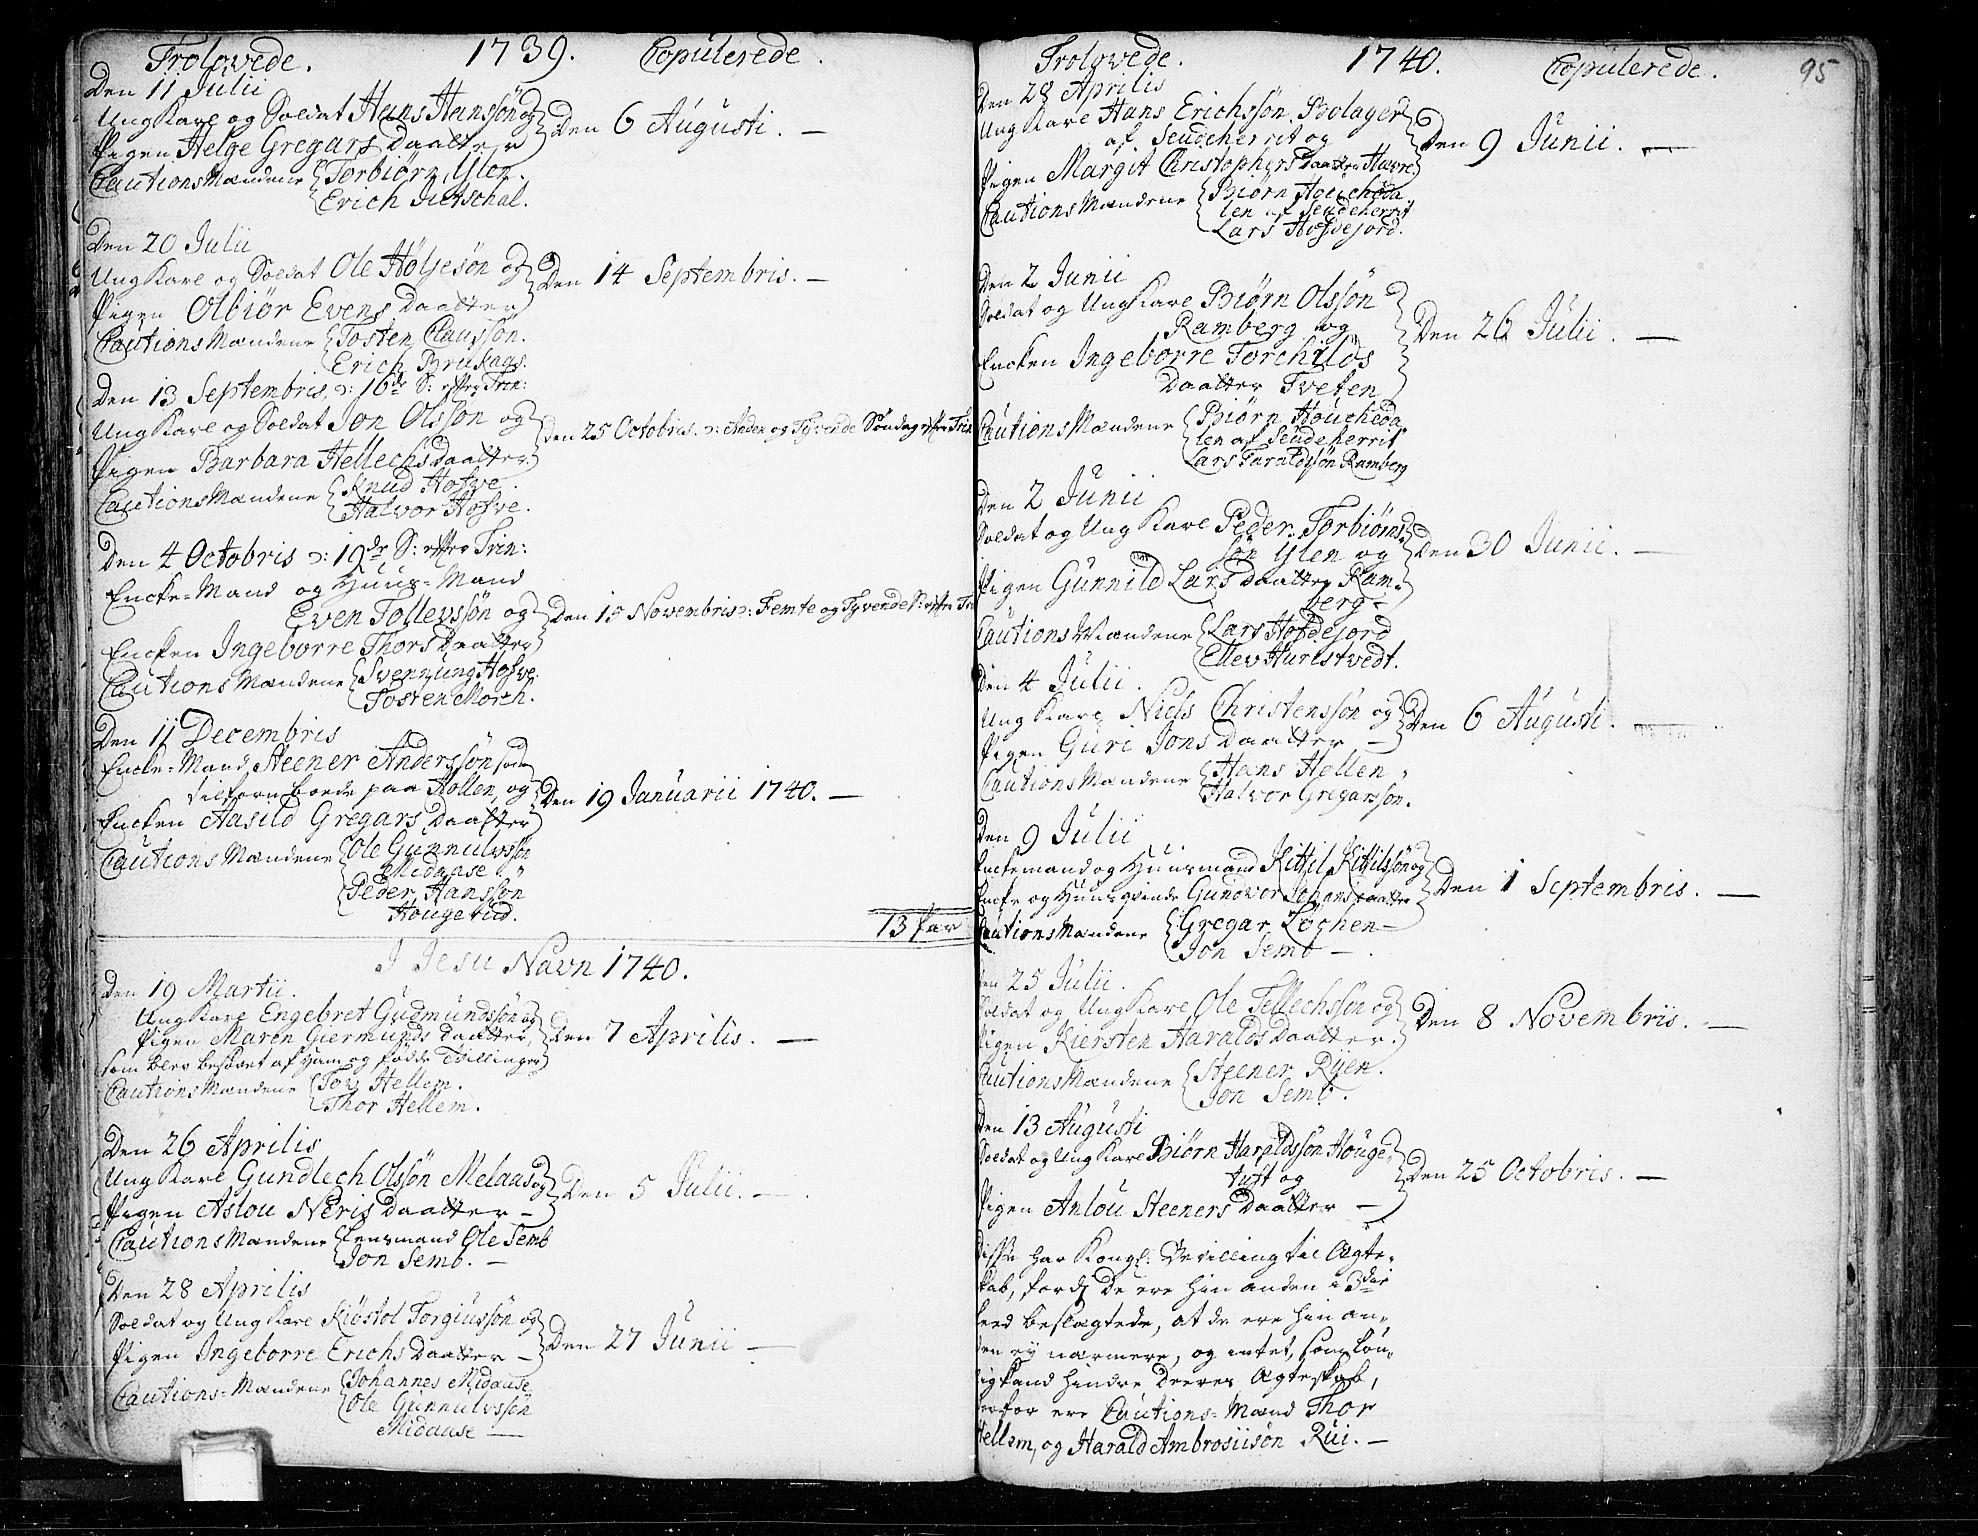 SAKO, Heddal kirkebøker, F/Fa/L0003: Ministerialbok nr. I 3, 1723-1783, s. 95